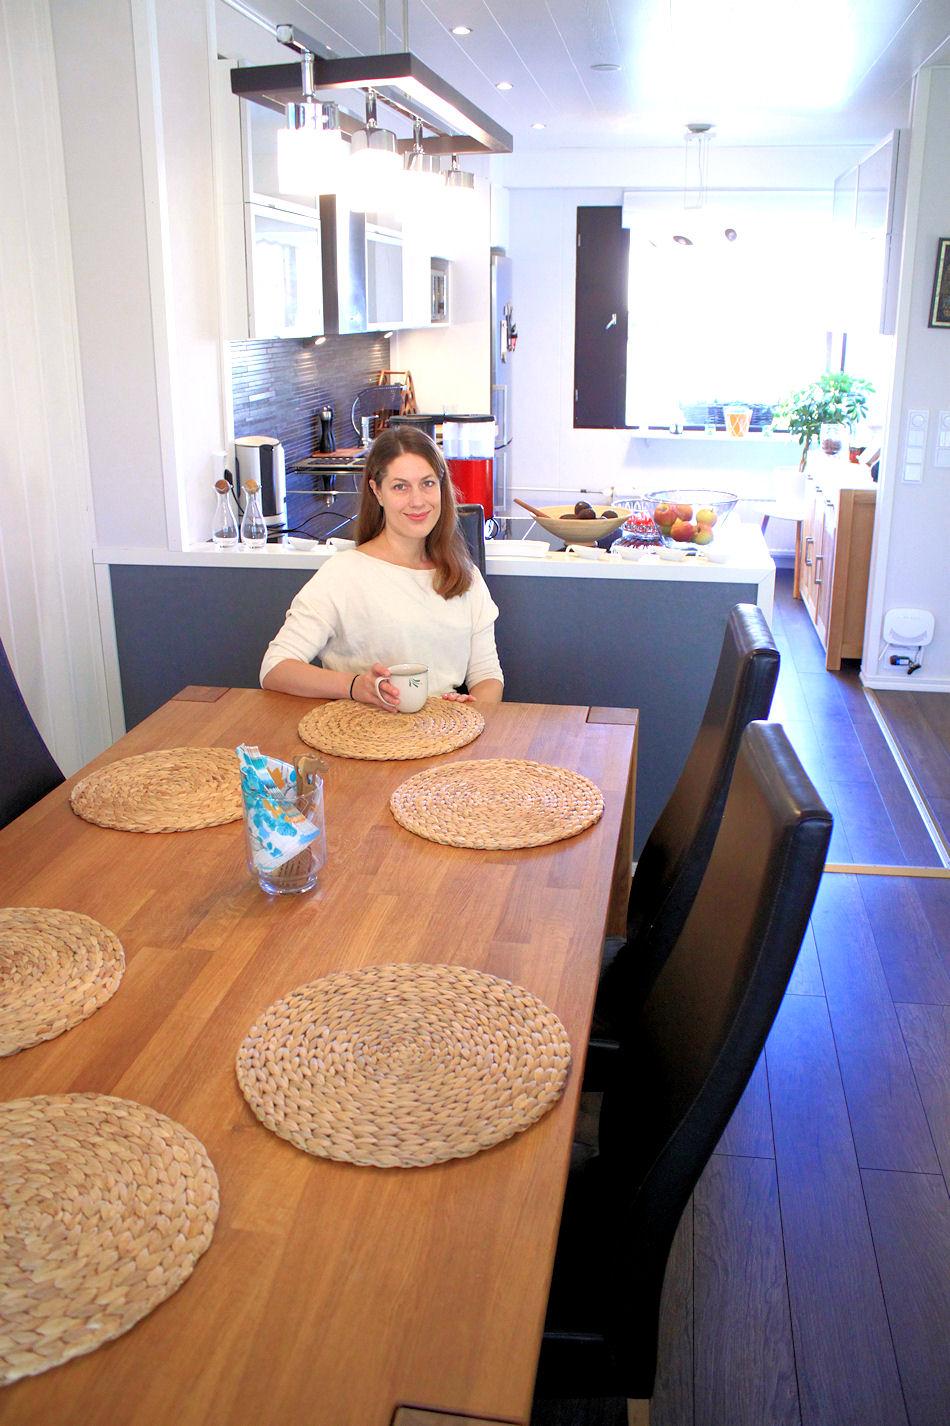 Ruokailutilan pöytä on ostettu Tallinnasta. Olimme hakemassa sieltä remonttitarvikkeita, kun se osui silmään ja oli pakko saada matkaan. Rakastan edelleen tammista täyspuupöytäämme, vaikka muuten sisutukseen ei ole oikein panostettukaan.